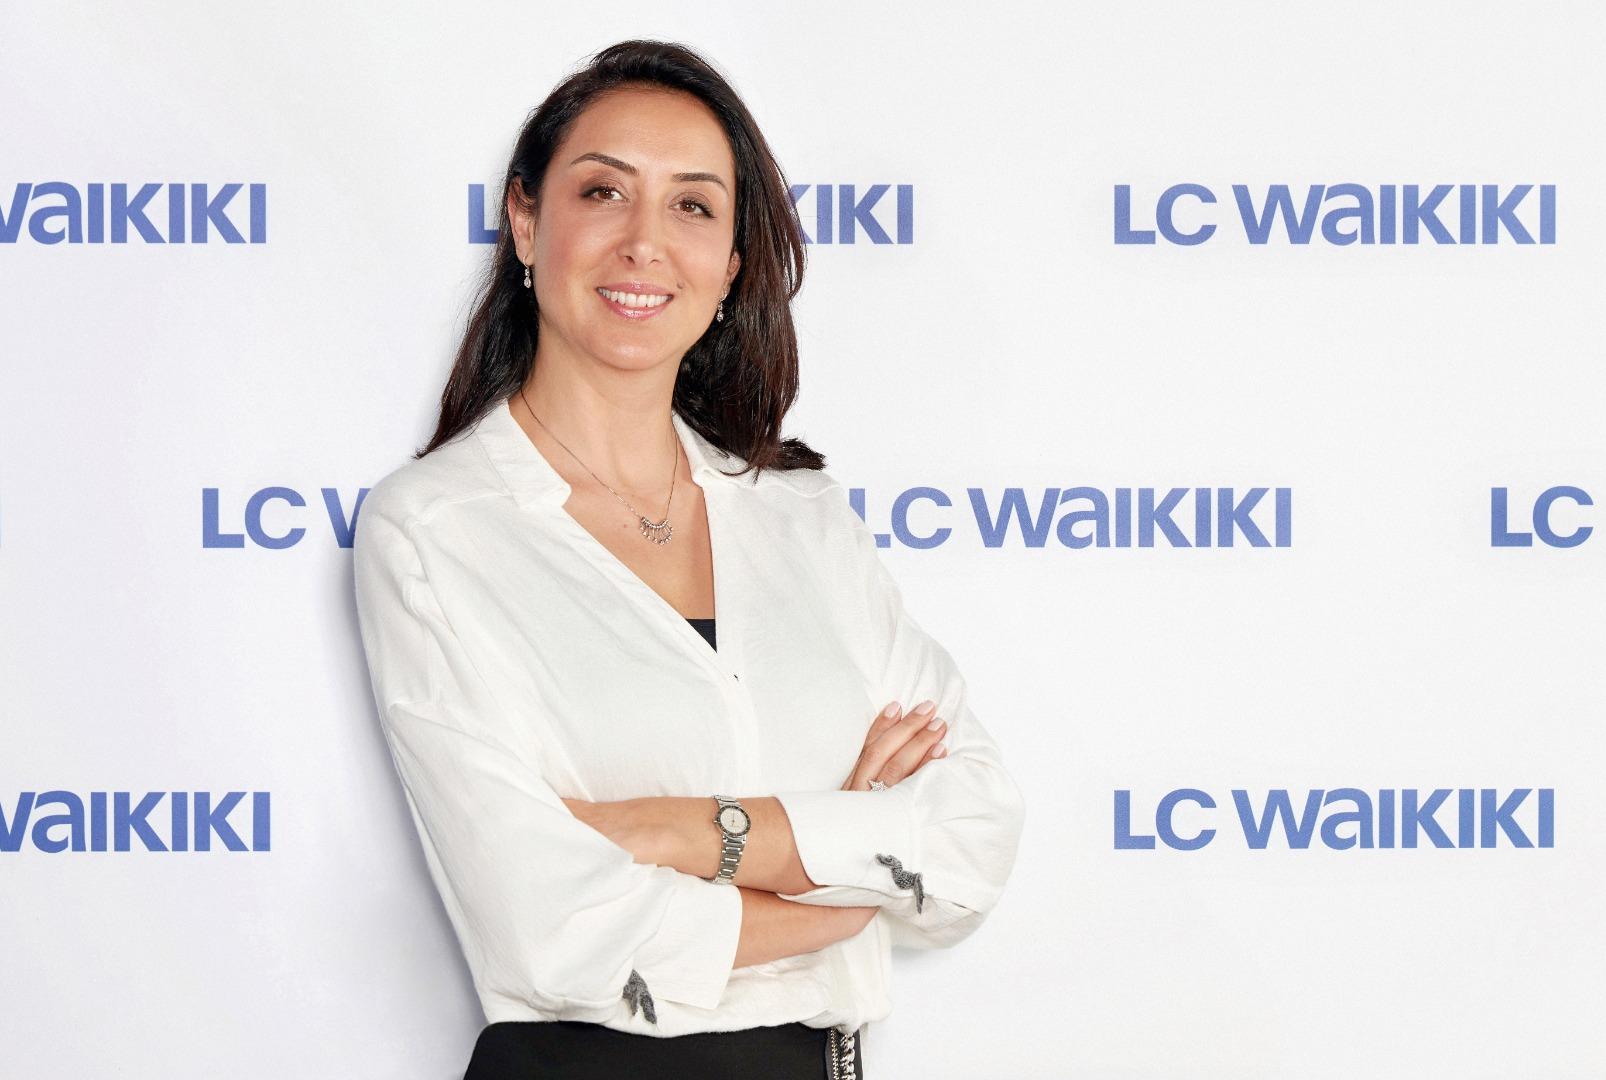 LC Waikiki'de mağazacılık genel müdürlüğünde atama